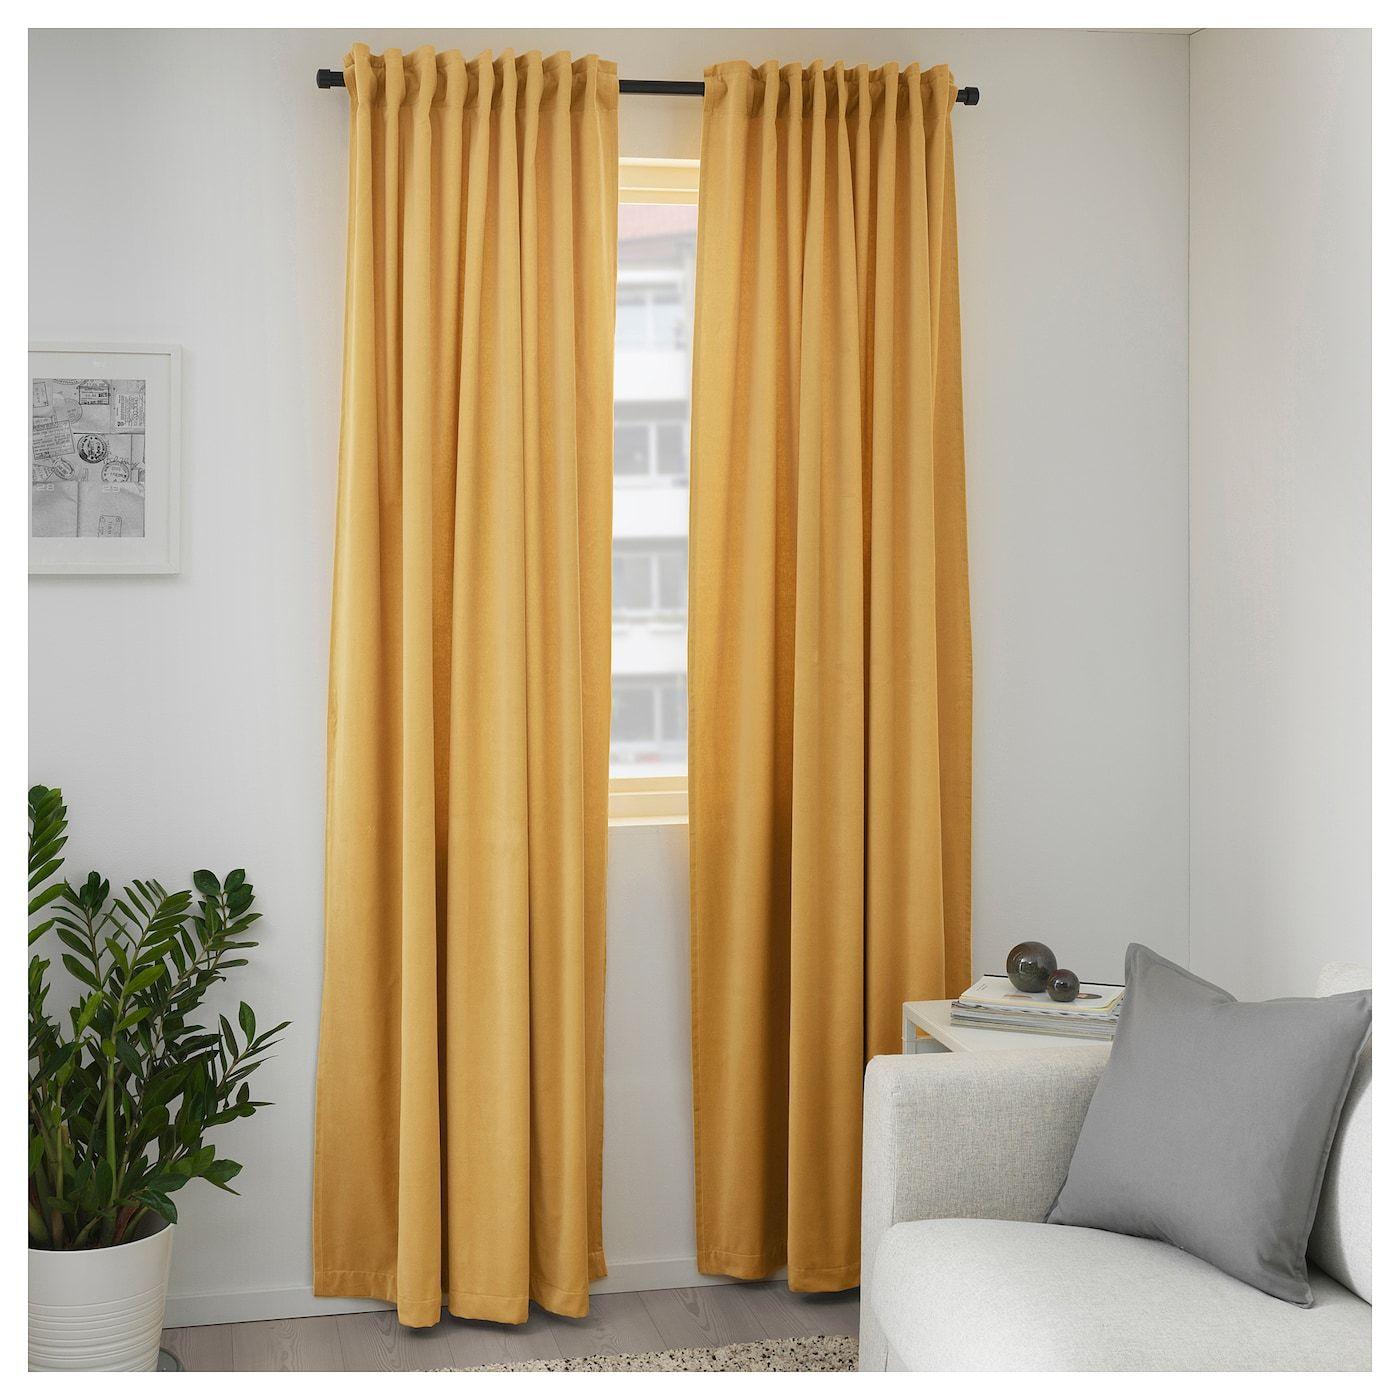 Ikea Sanela Room Darkening Curtains 1 Pair Golden Brown Room